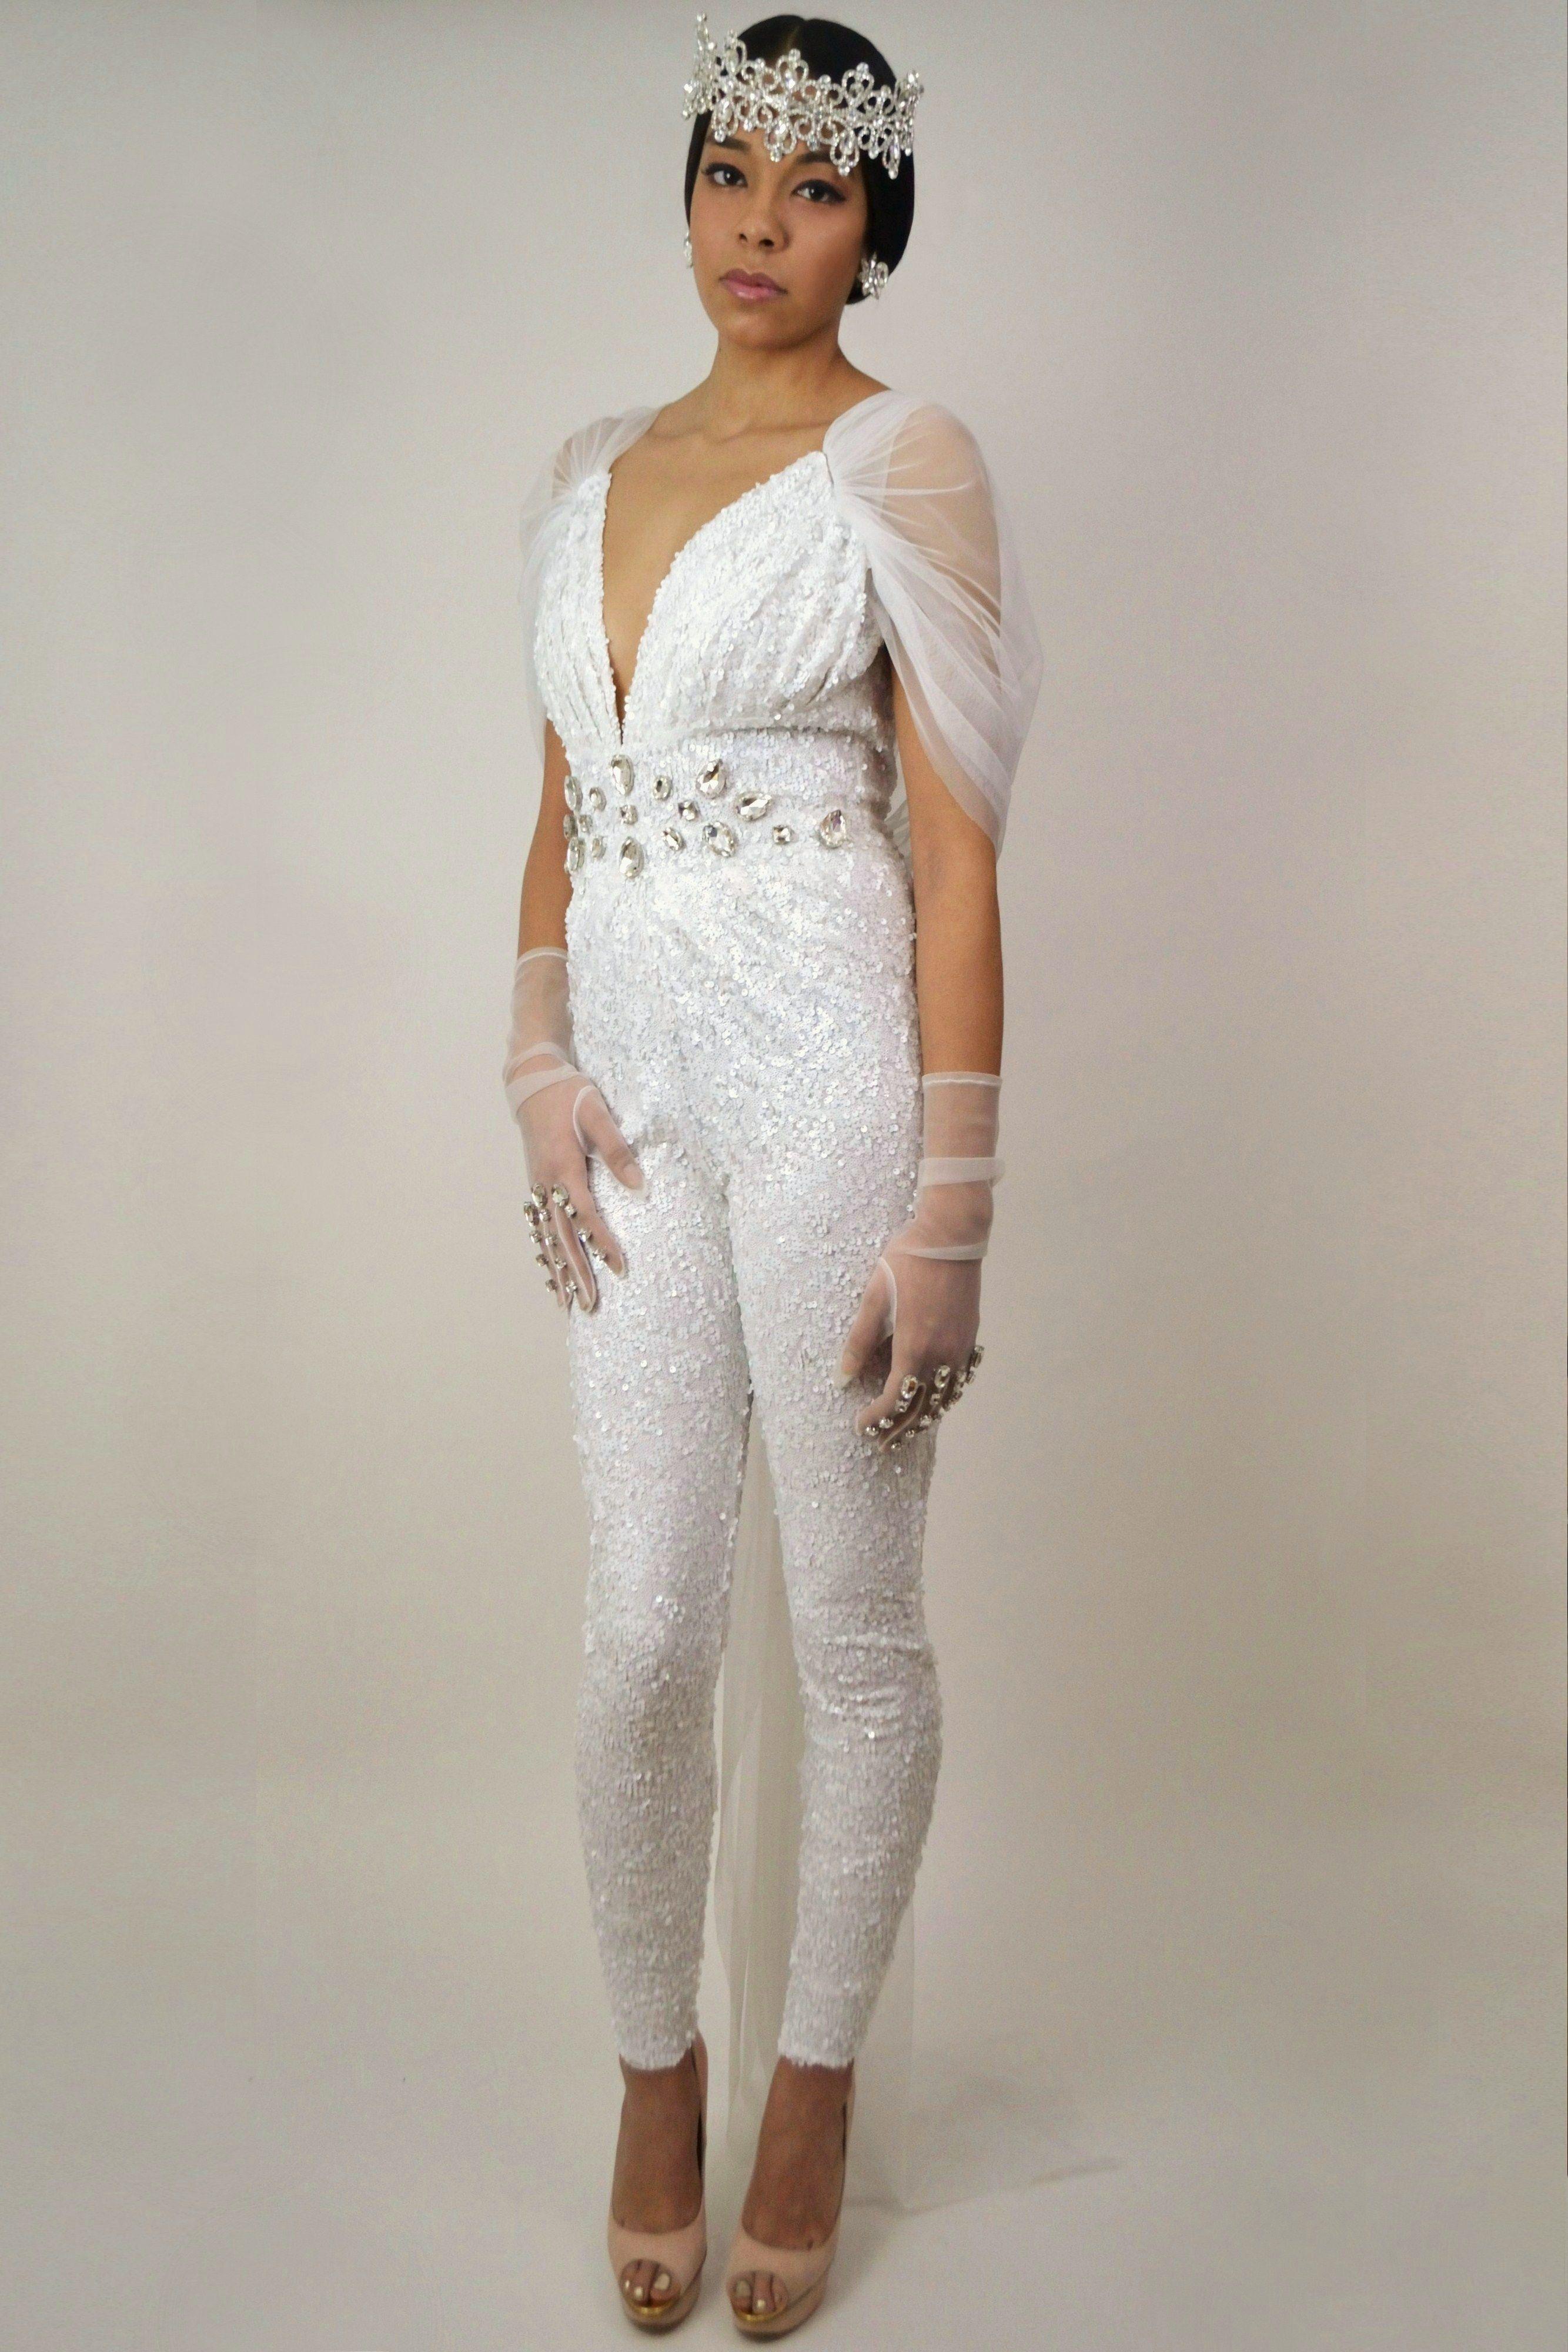 Naomi Sequin Bridal Catsuit Shop Now